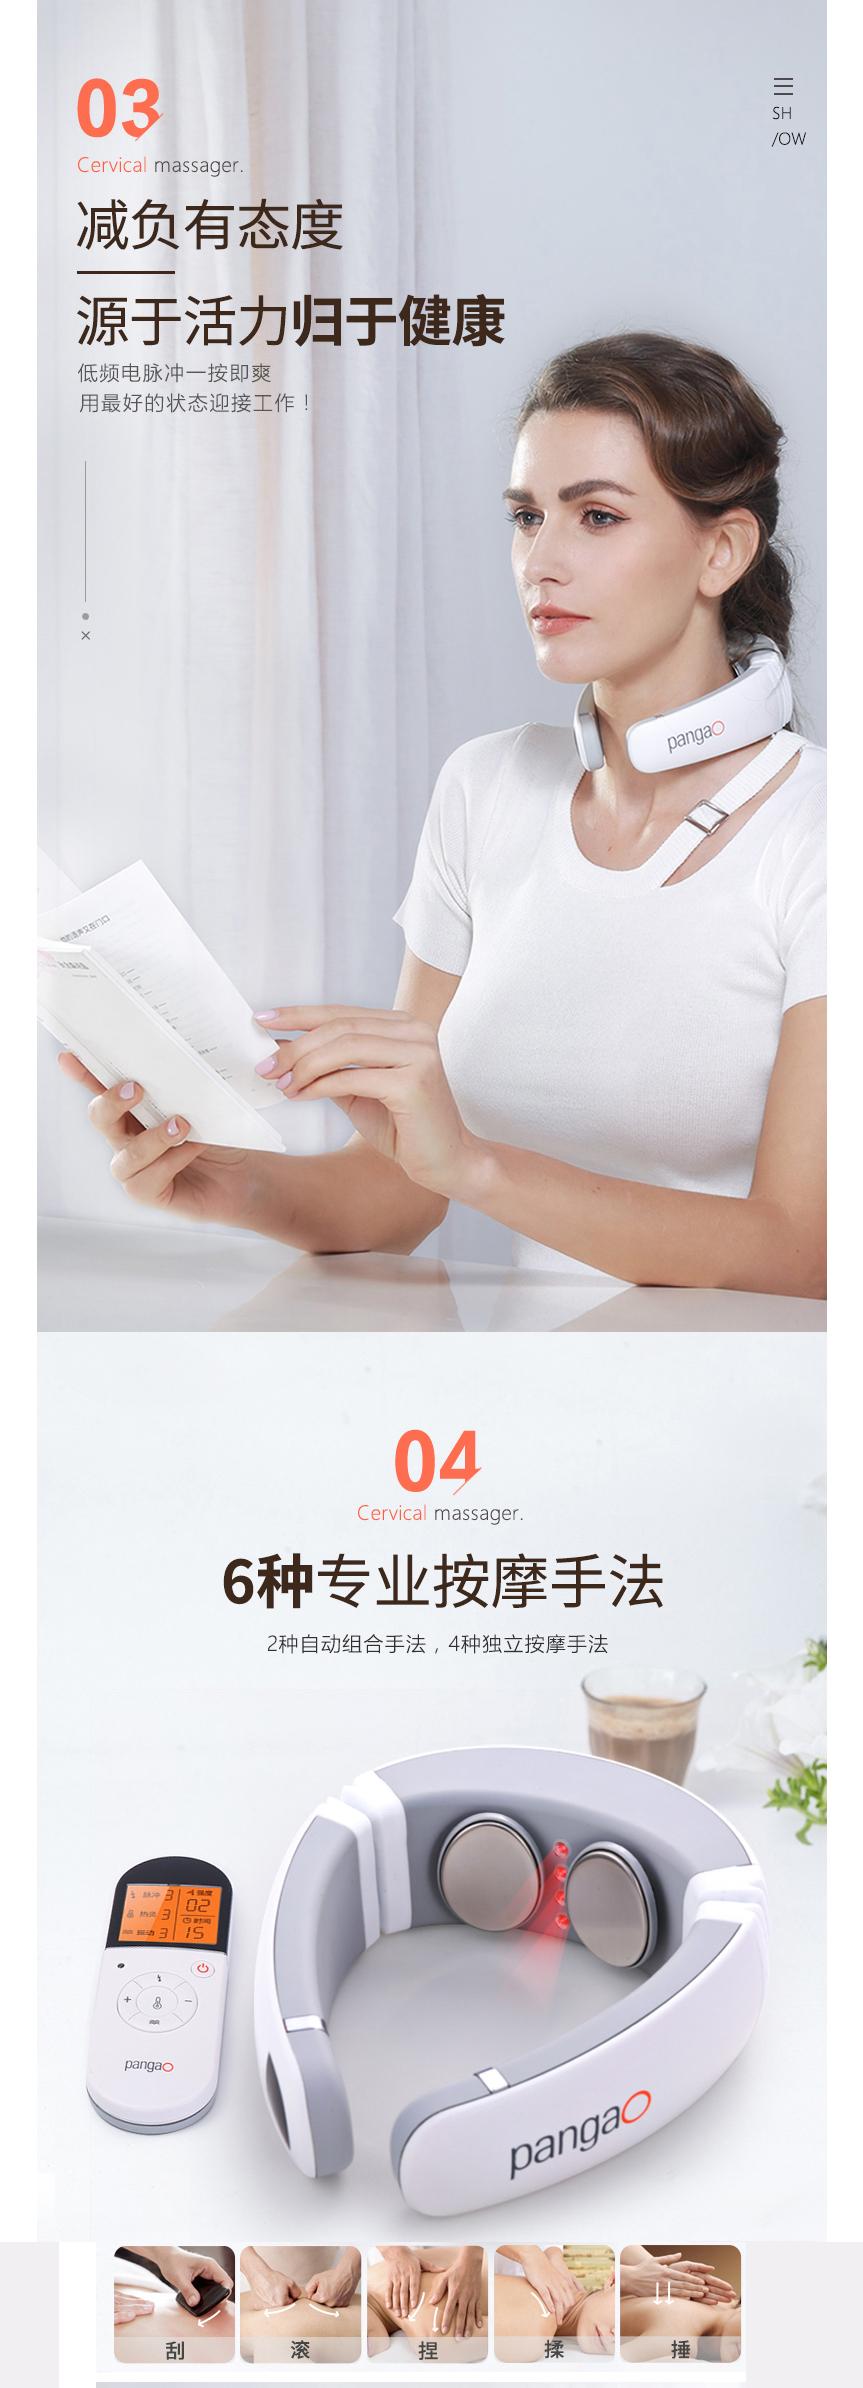 颈椎山西11选5玩法仪 B29